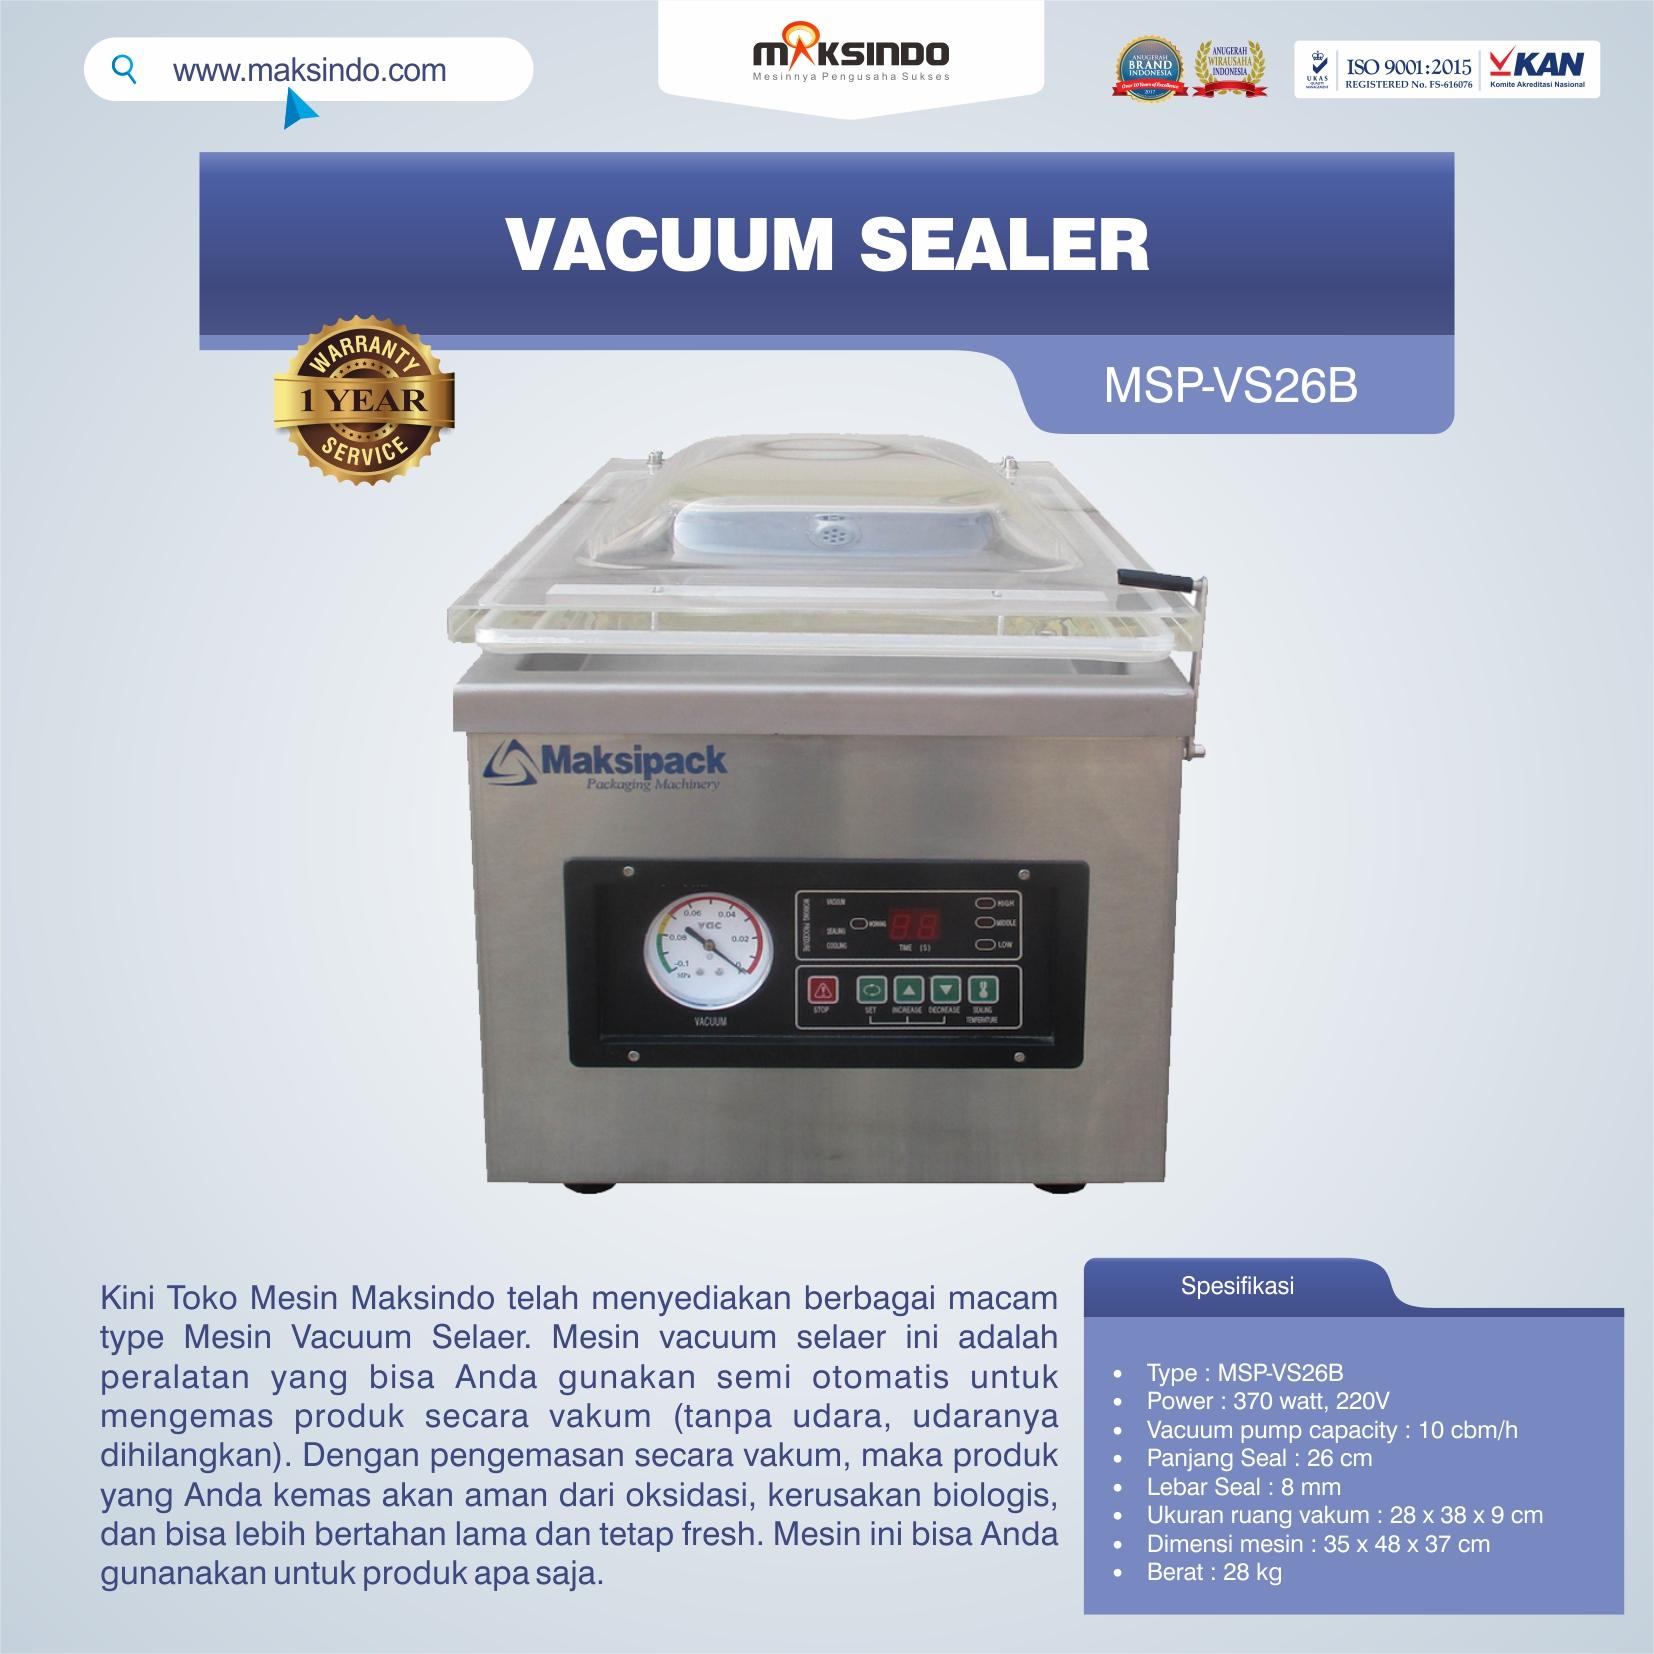 Jual Vacuum Sealer MSP-VS26B di Malang